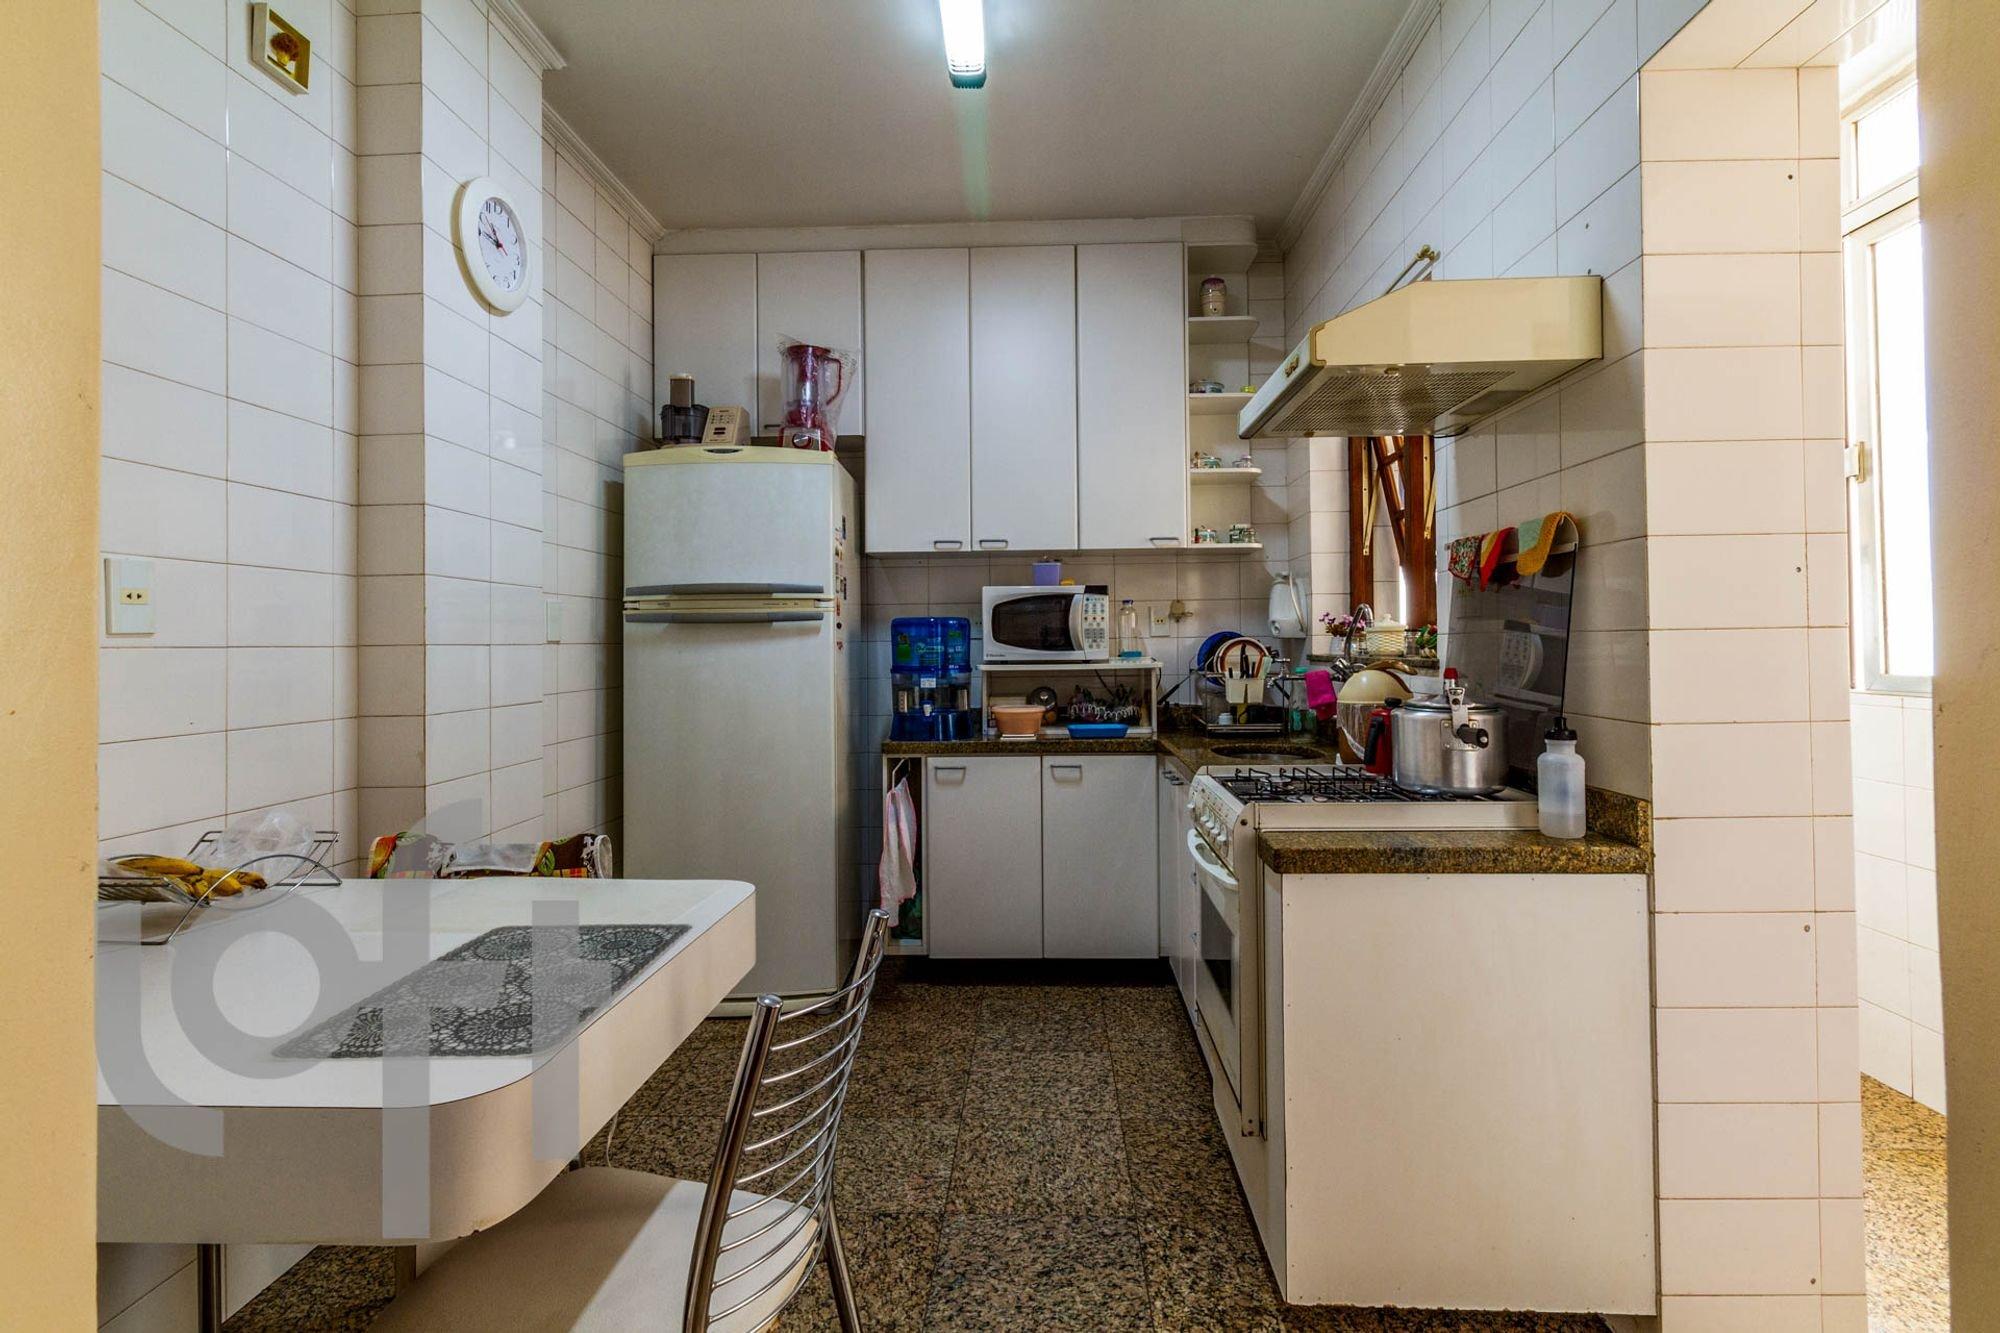 Foto de Cozinha com forno, cadeira, pia, relógio, garrafa, tigela, geladeira, microondas